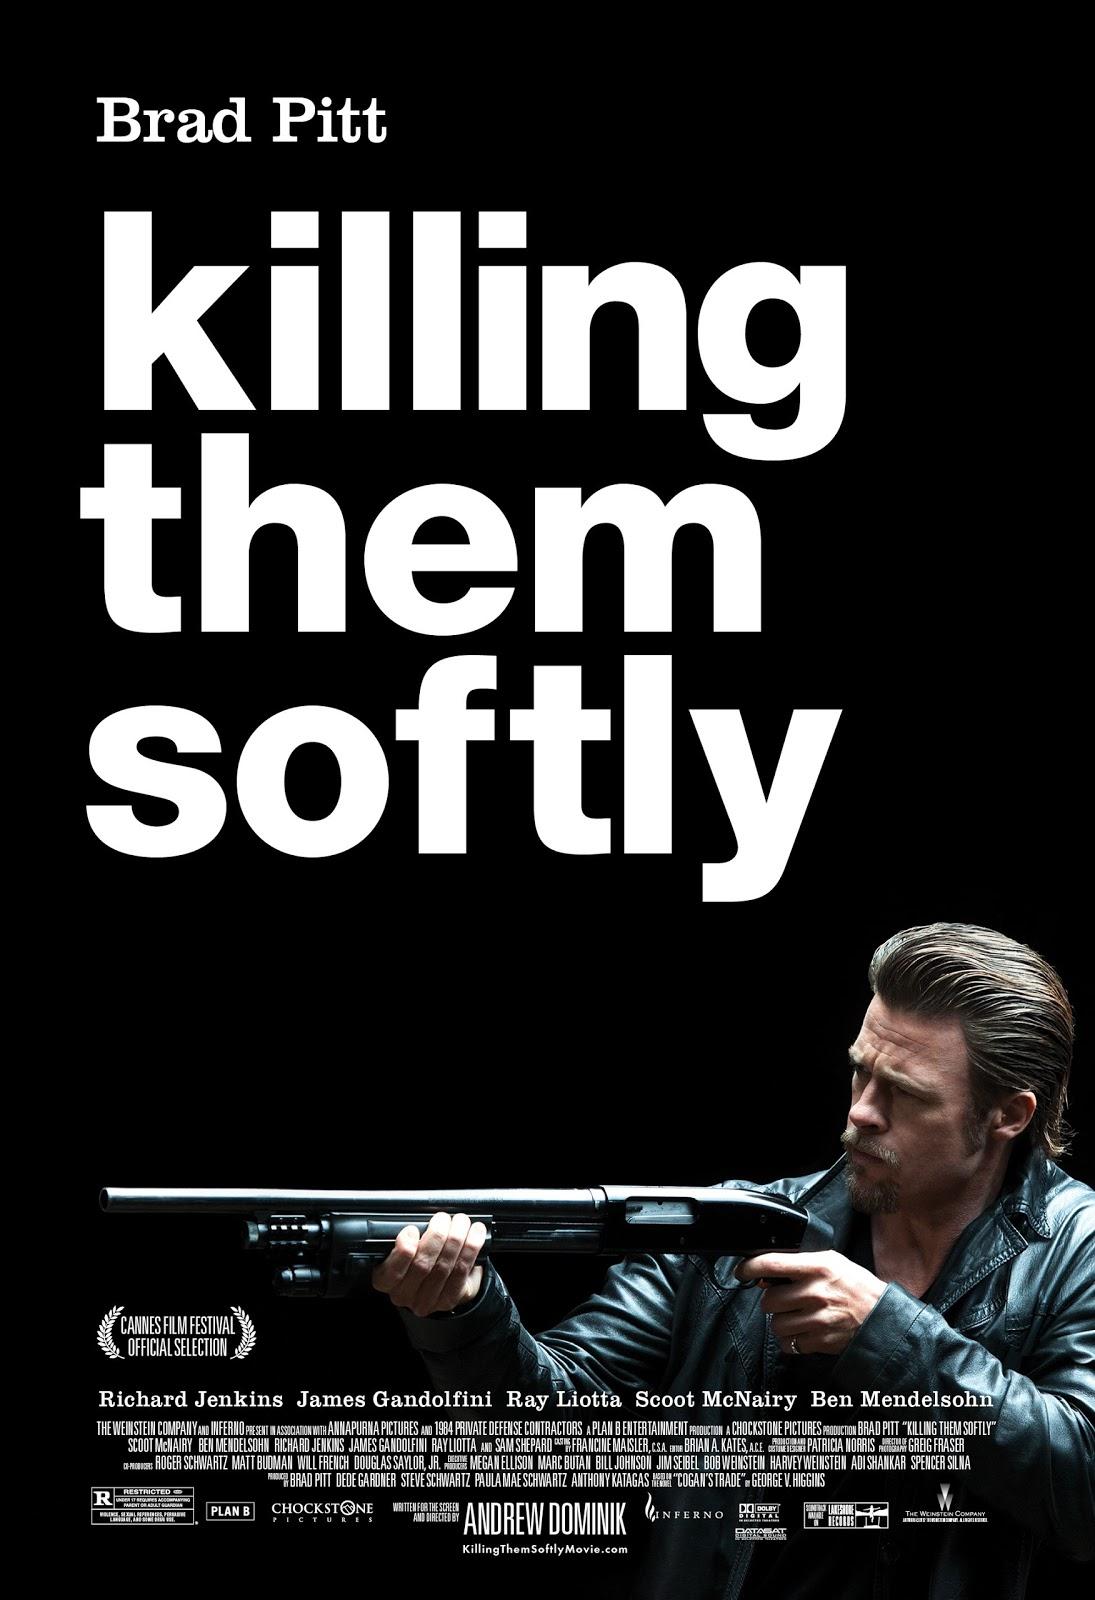 http://1.bp.blogspot.com/-MYb71kipu6Q/UD2Vz15MLdI/AAAAAAAAC4w/1axzrPNAvBY/s1600/killing-them-softly-poster1.jpeg